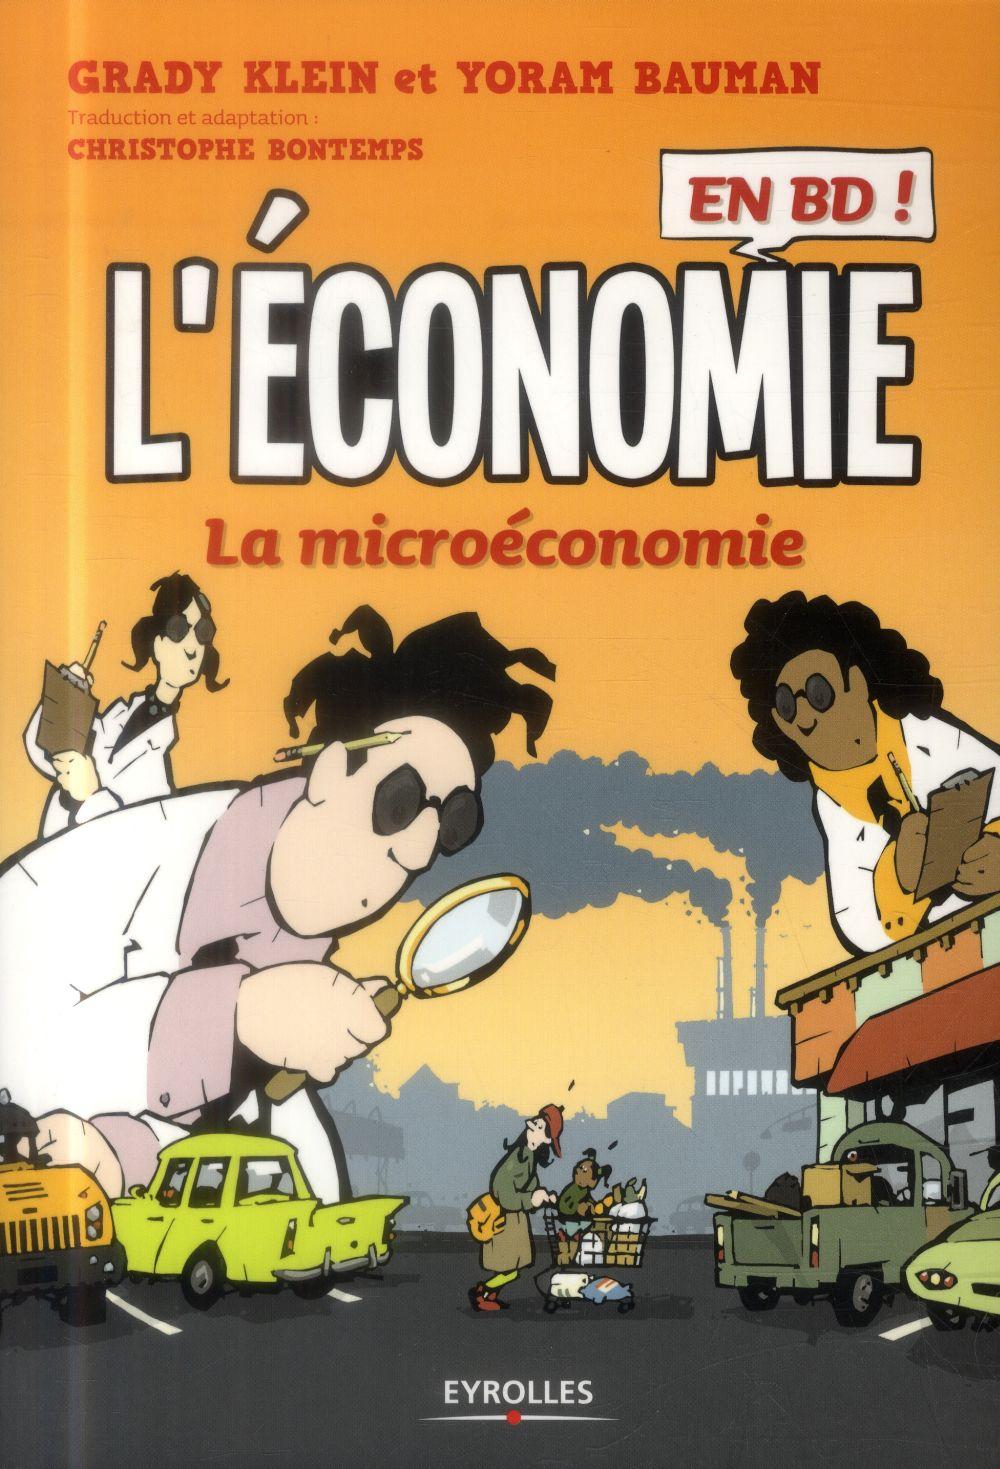 L'economie en bd - la microeconomie.